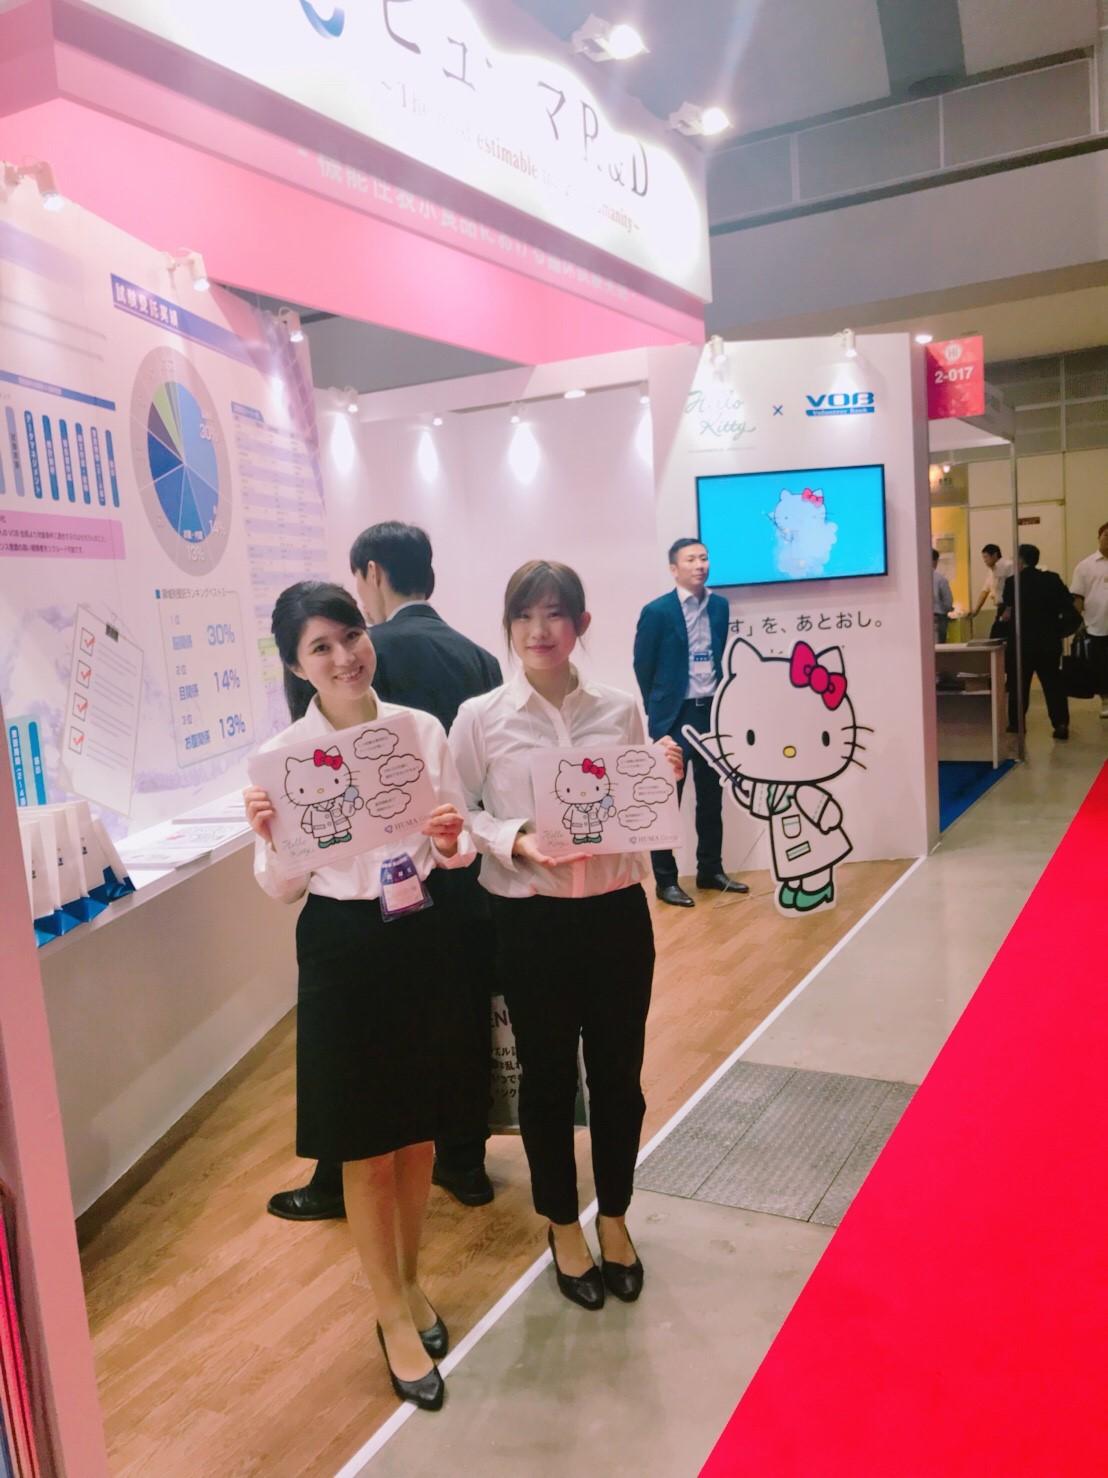 食品開発展2018@東京ビックサイト